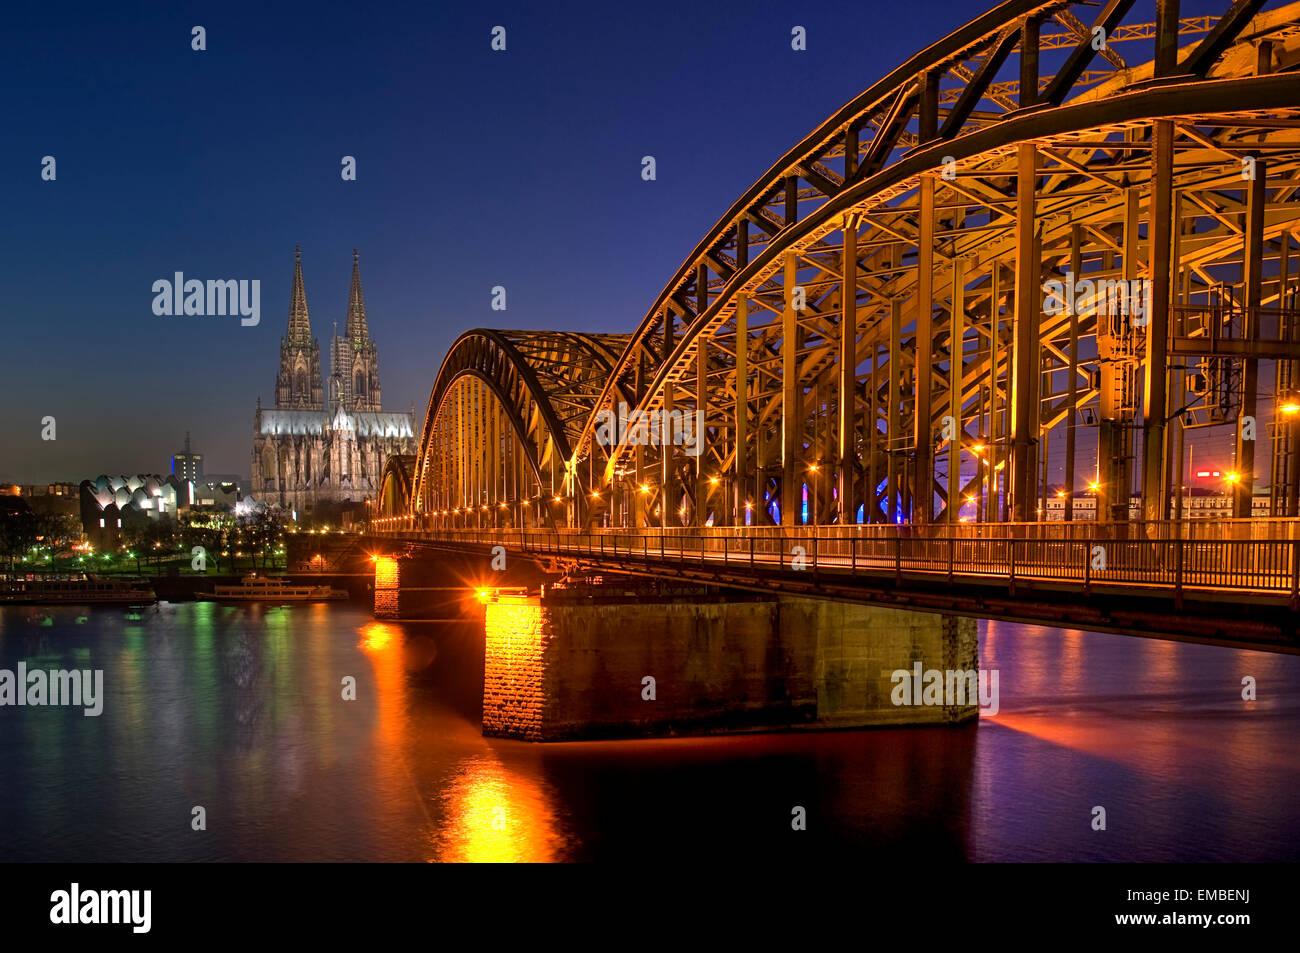 Cologne Dome, Hohenzollern Bridge at night, Northrhine-Westfalia, Germany, Europe Stock Photo